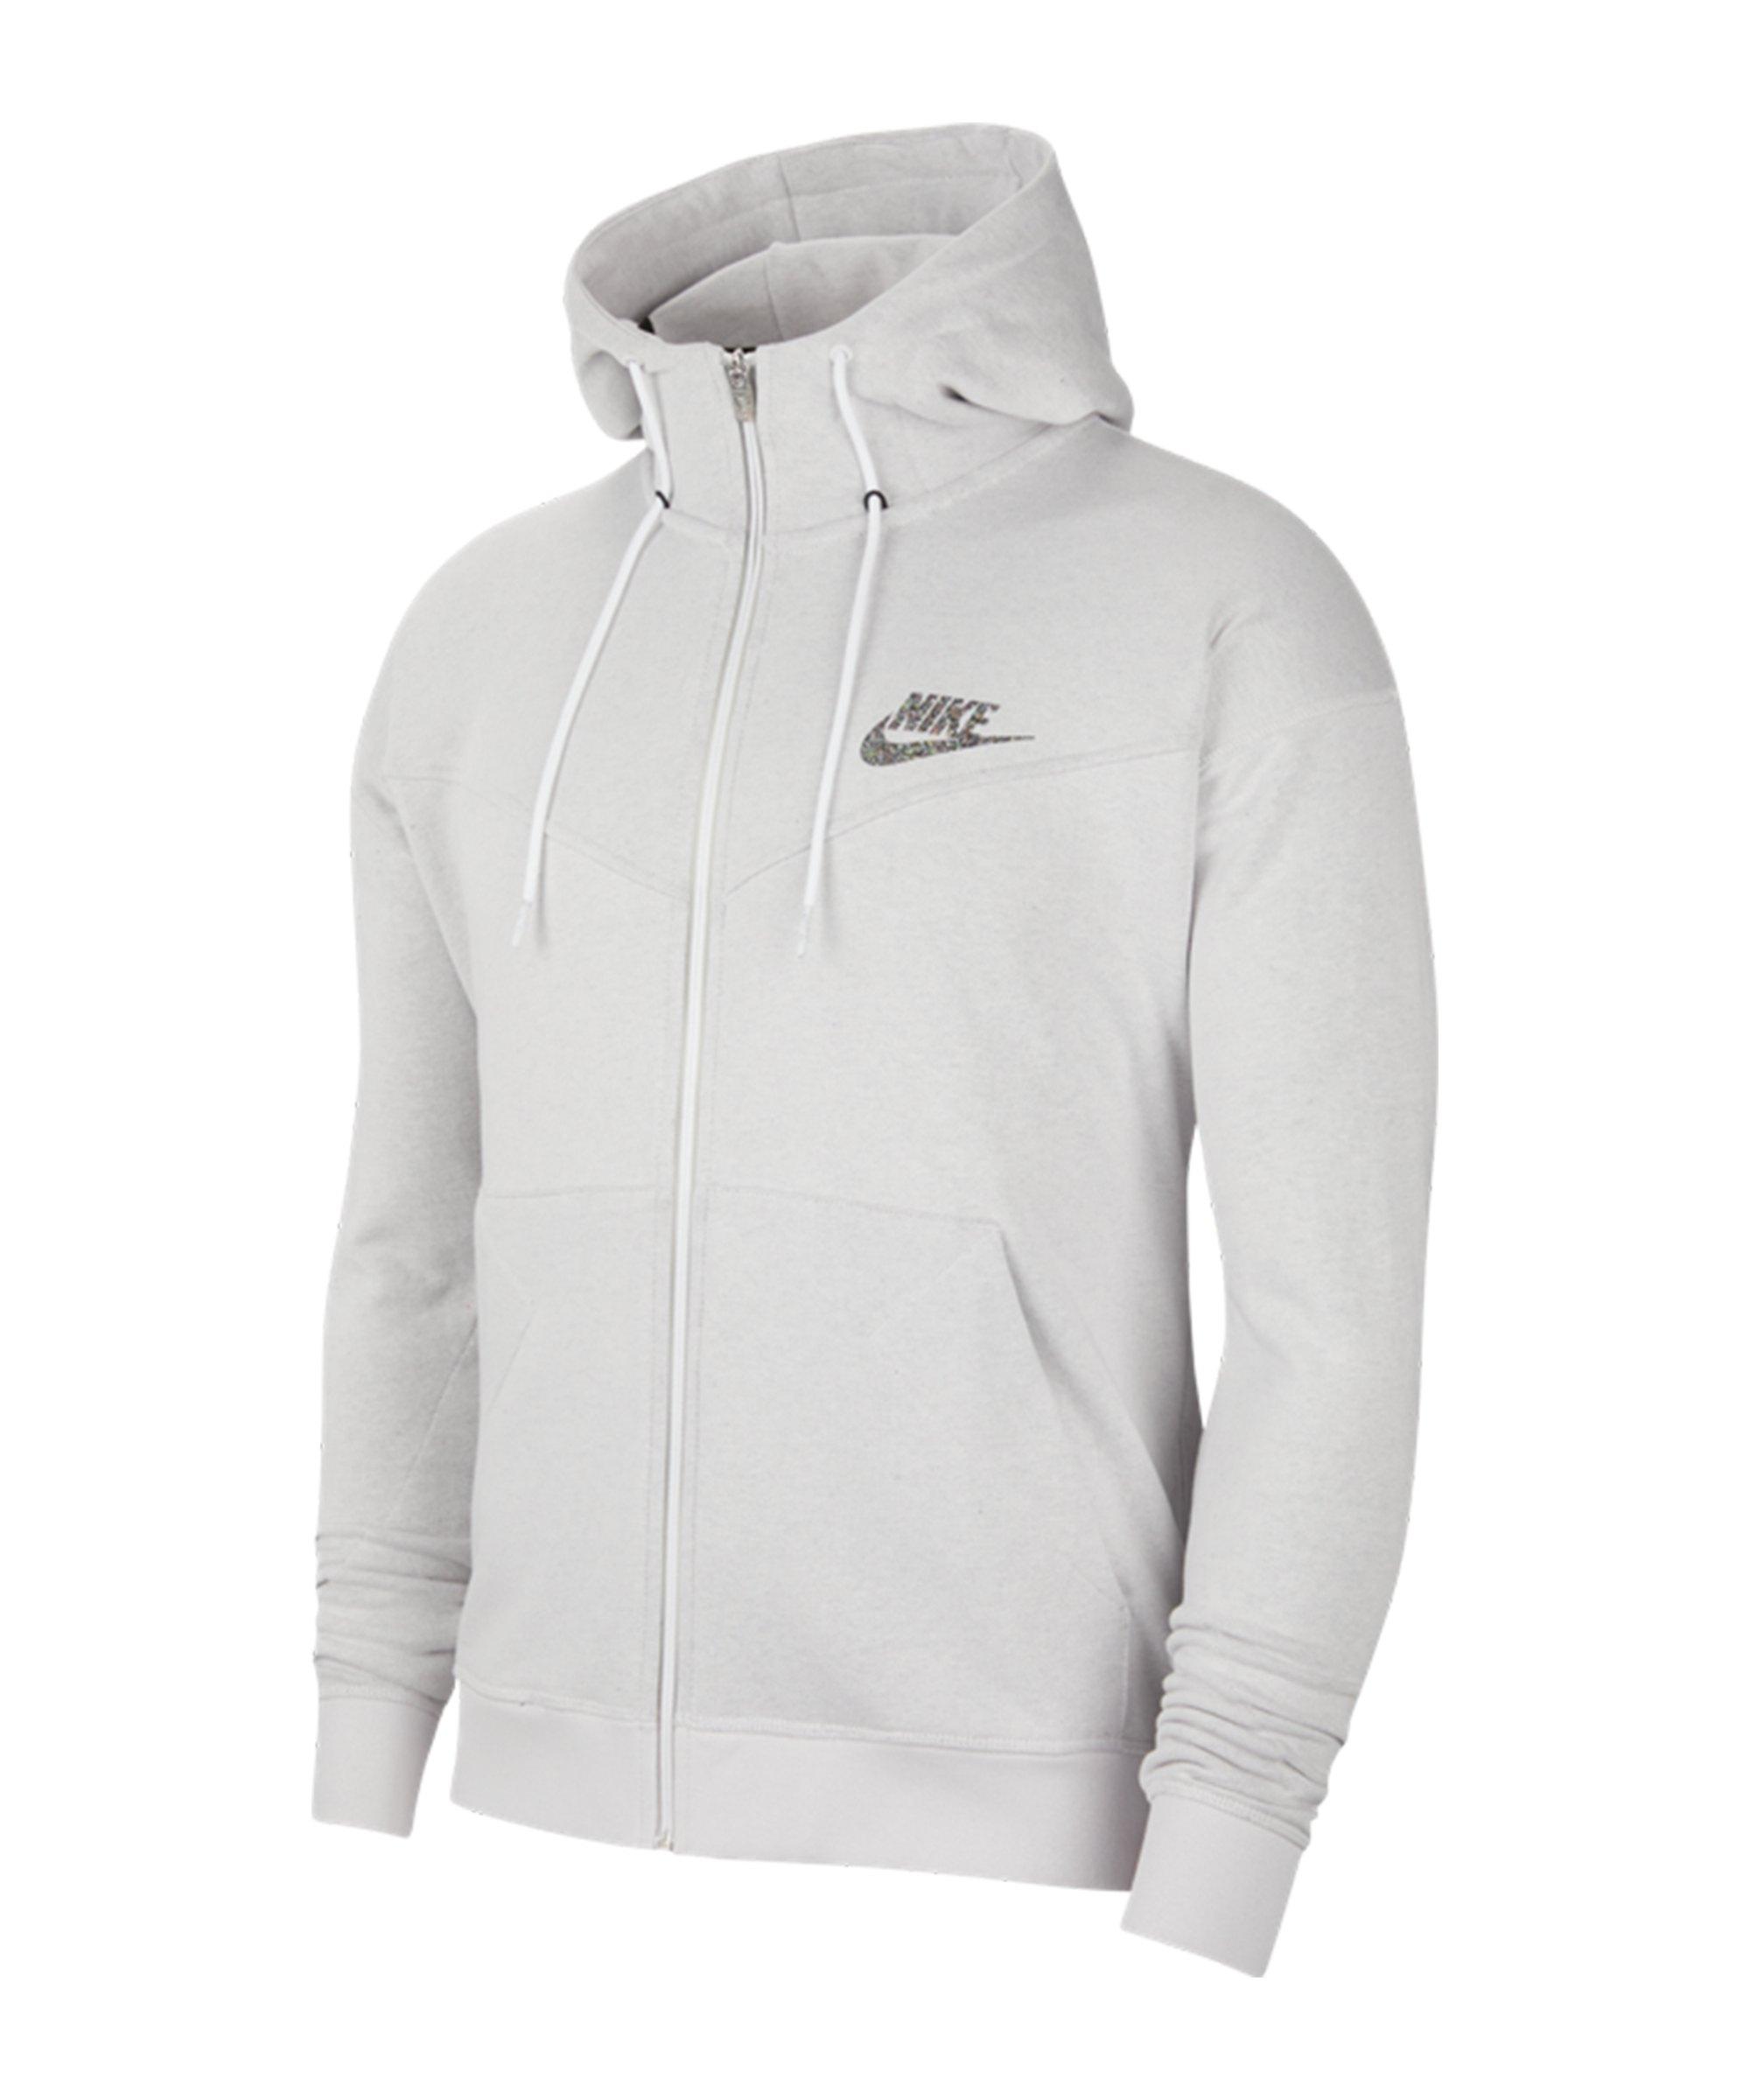 Nike Essentials Kapuzenjacke Grau F910 - grau